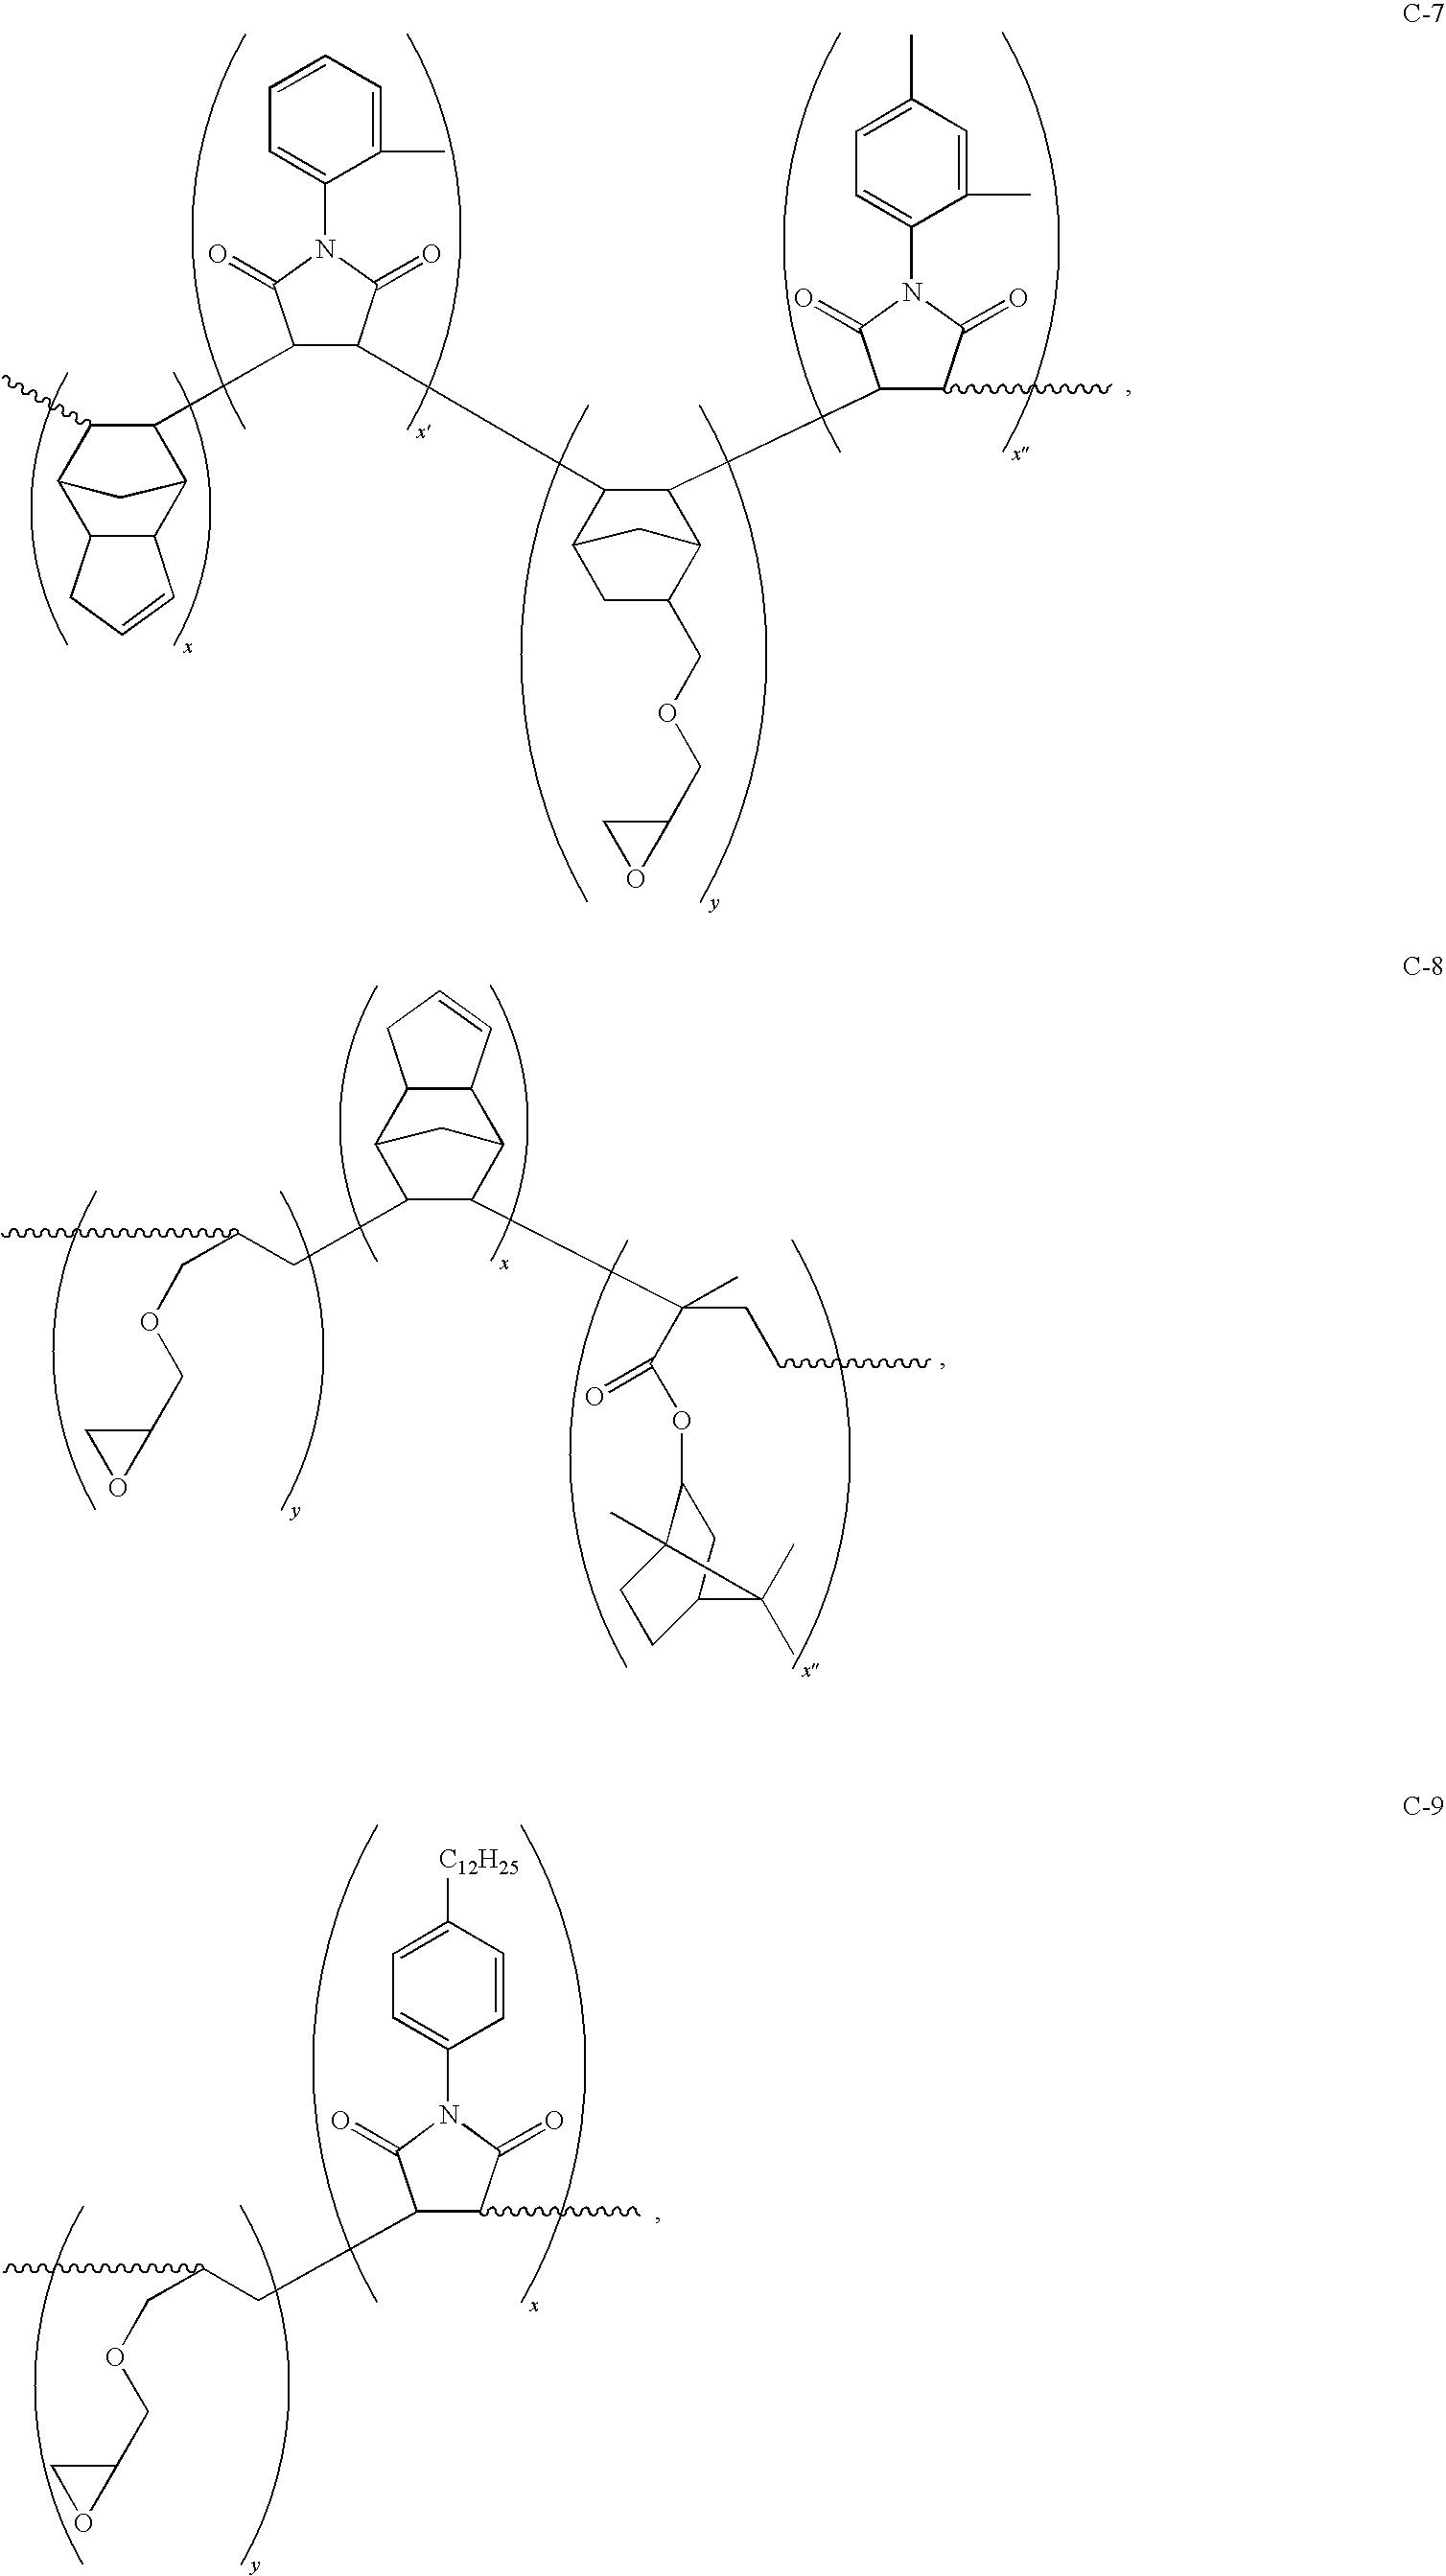 Figure US20100056671A1-20100304-C00020